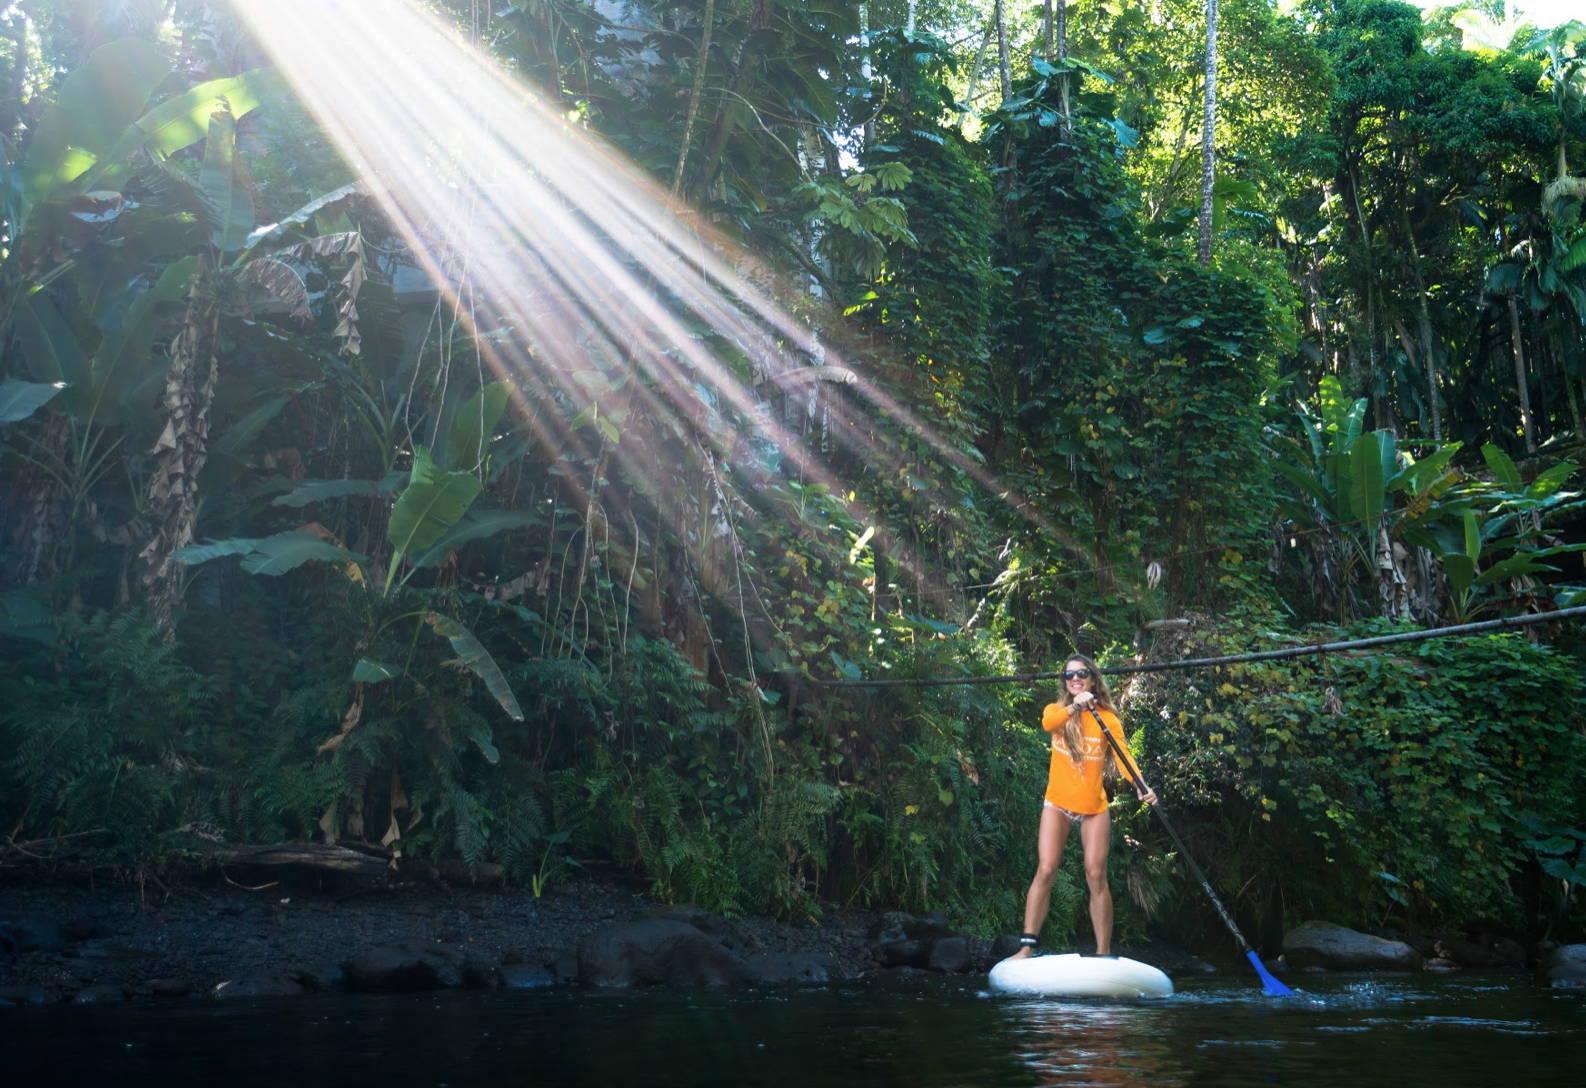 Maui river Hawaii sup paddling